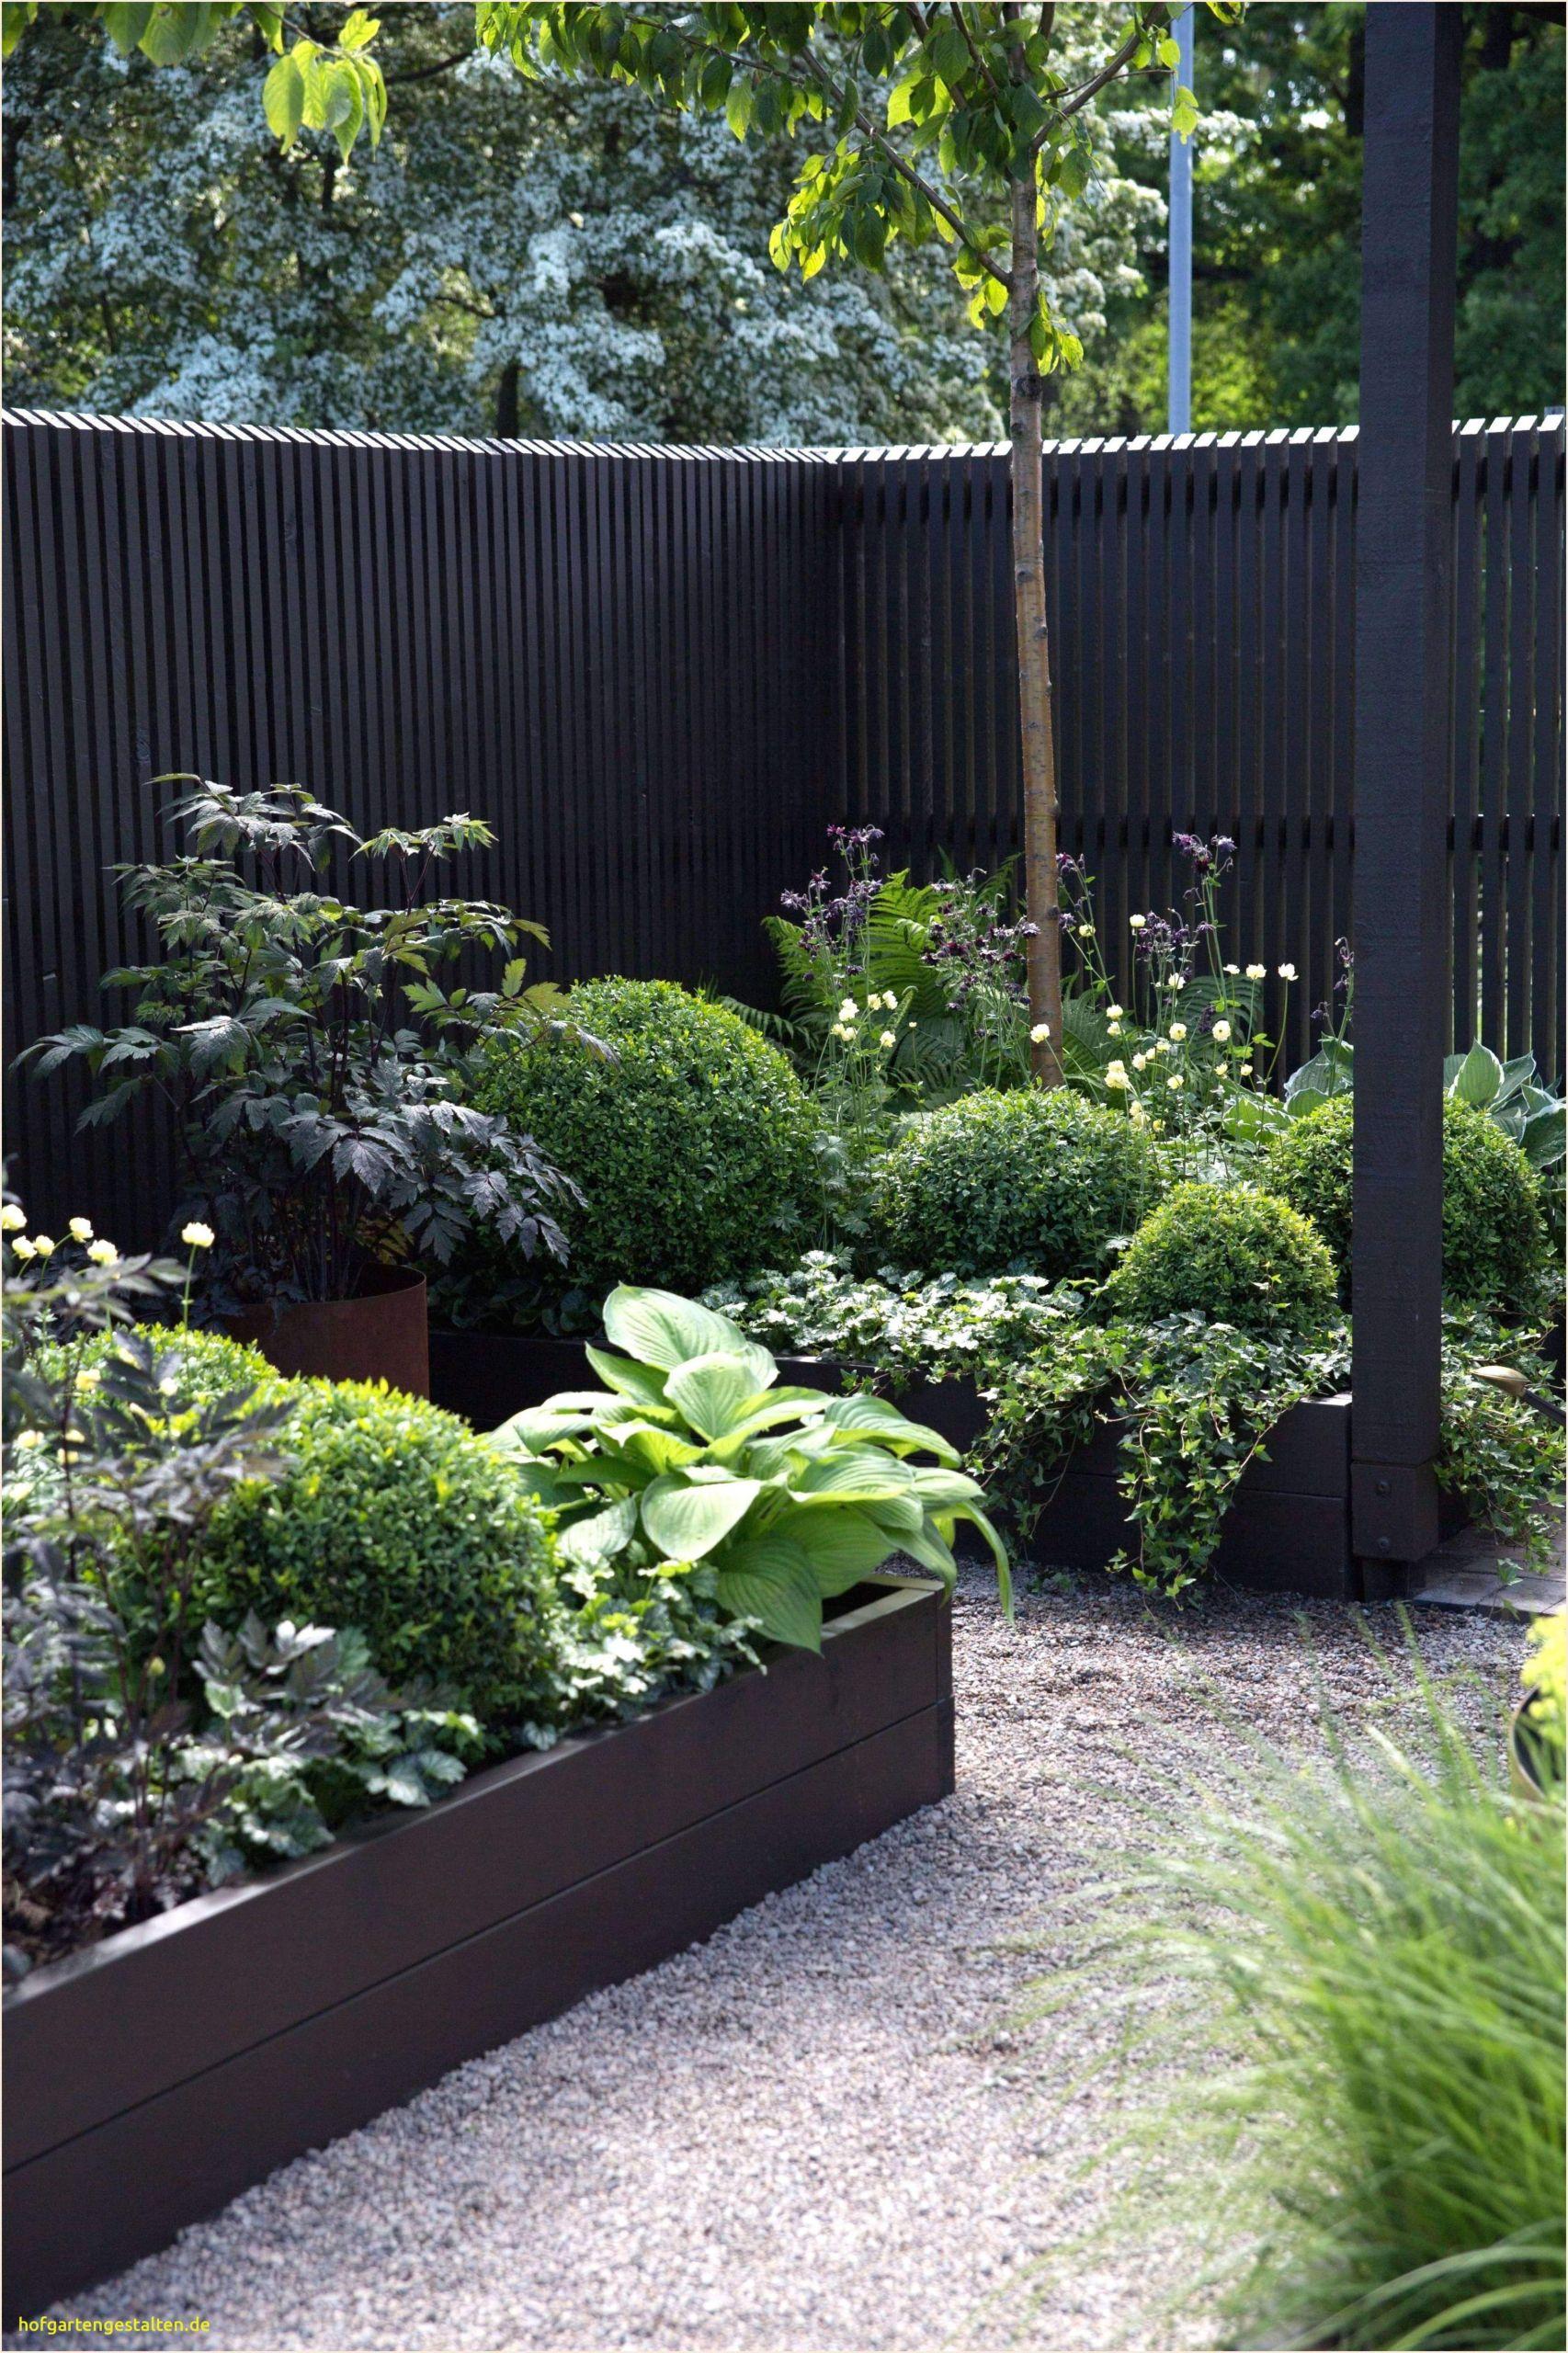 Garten Gestalten Einfach Elegant Alten Garten Neu Anlegen — Temobardz Home Blog